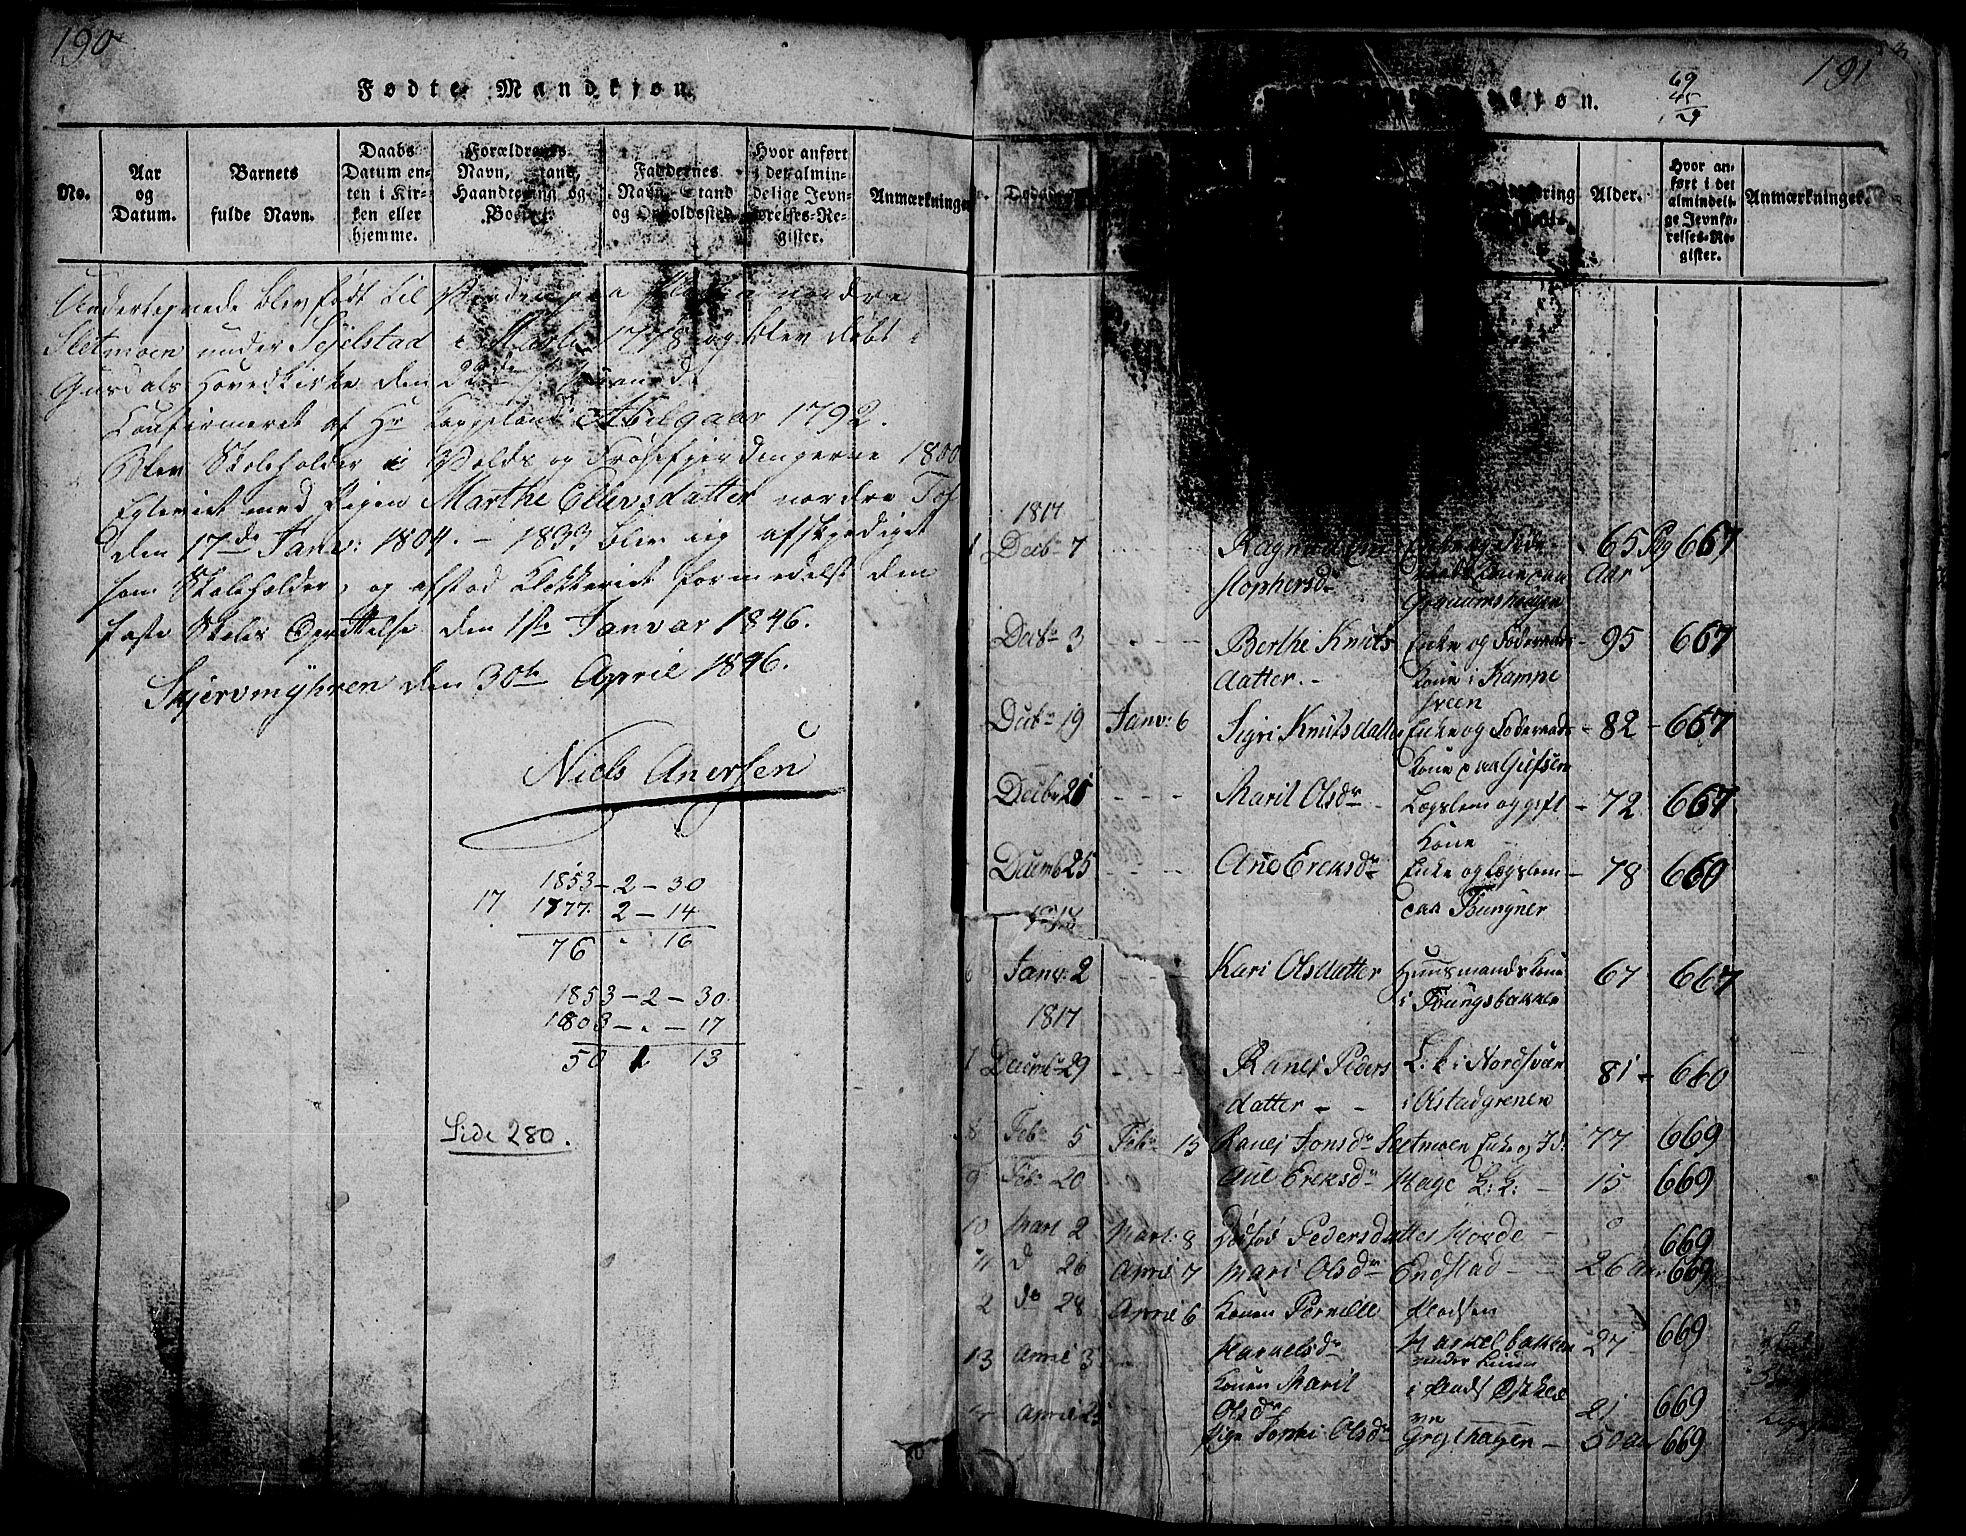 SAH, Gausdal prestekontor, Klokkerbok nr. 1, 1817-1848, s. 190-191